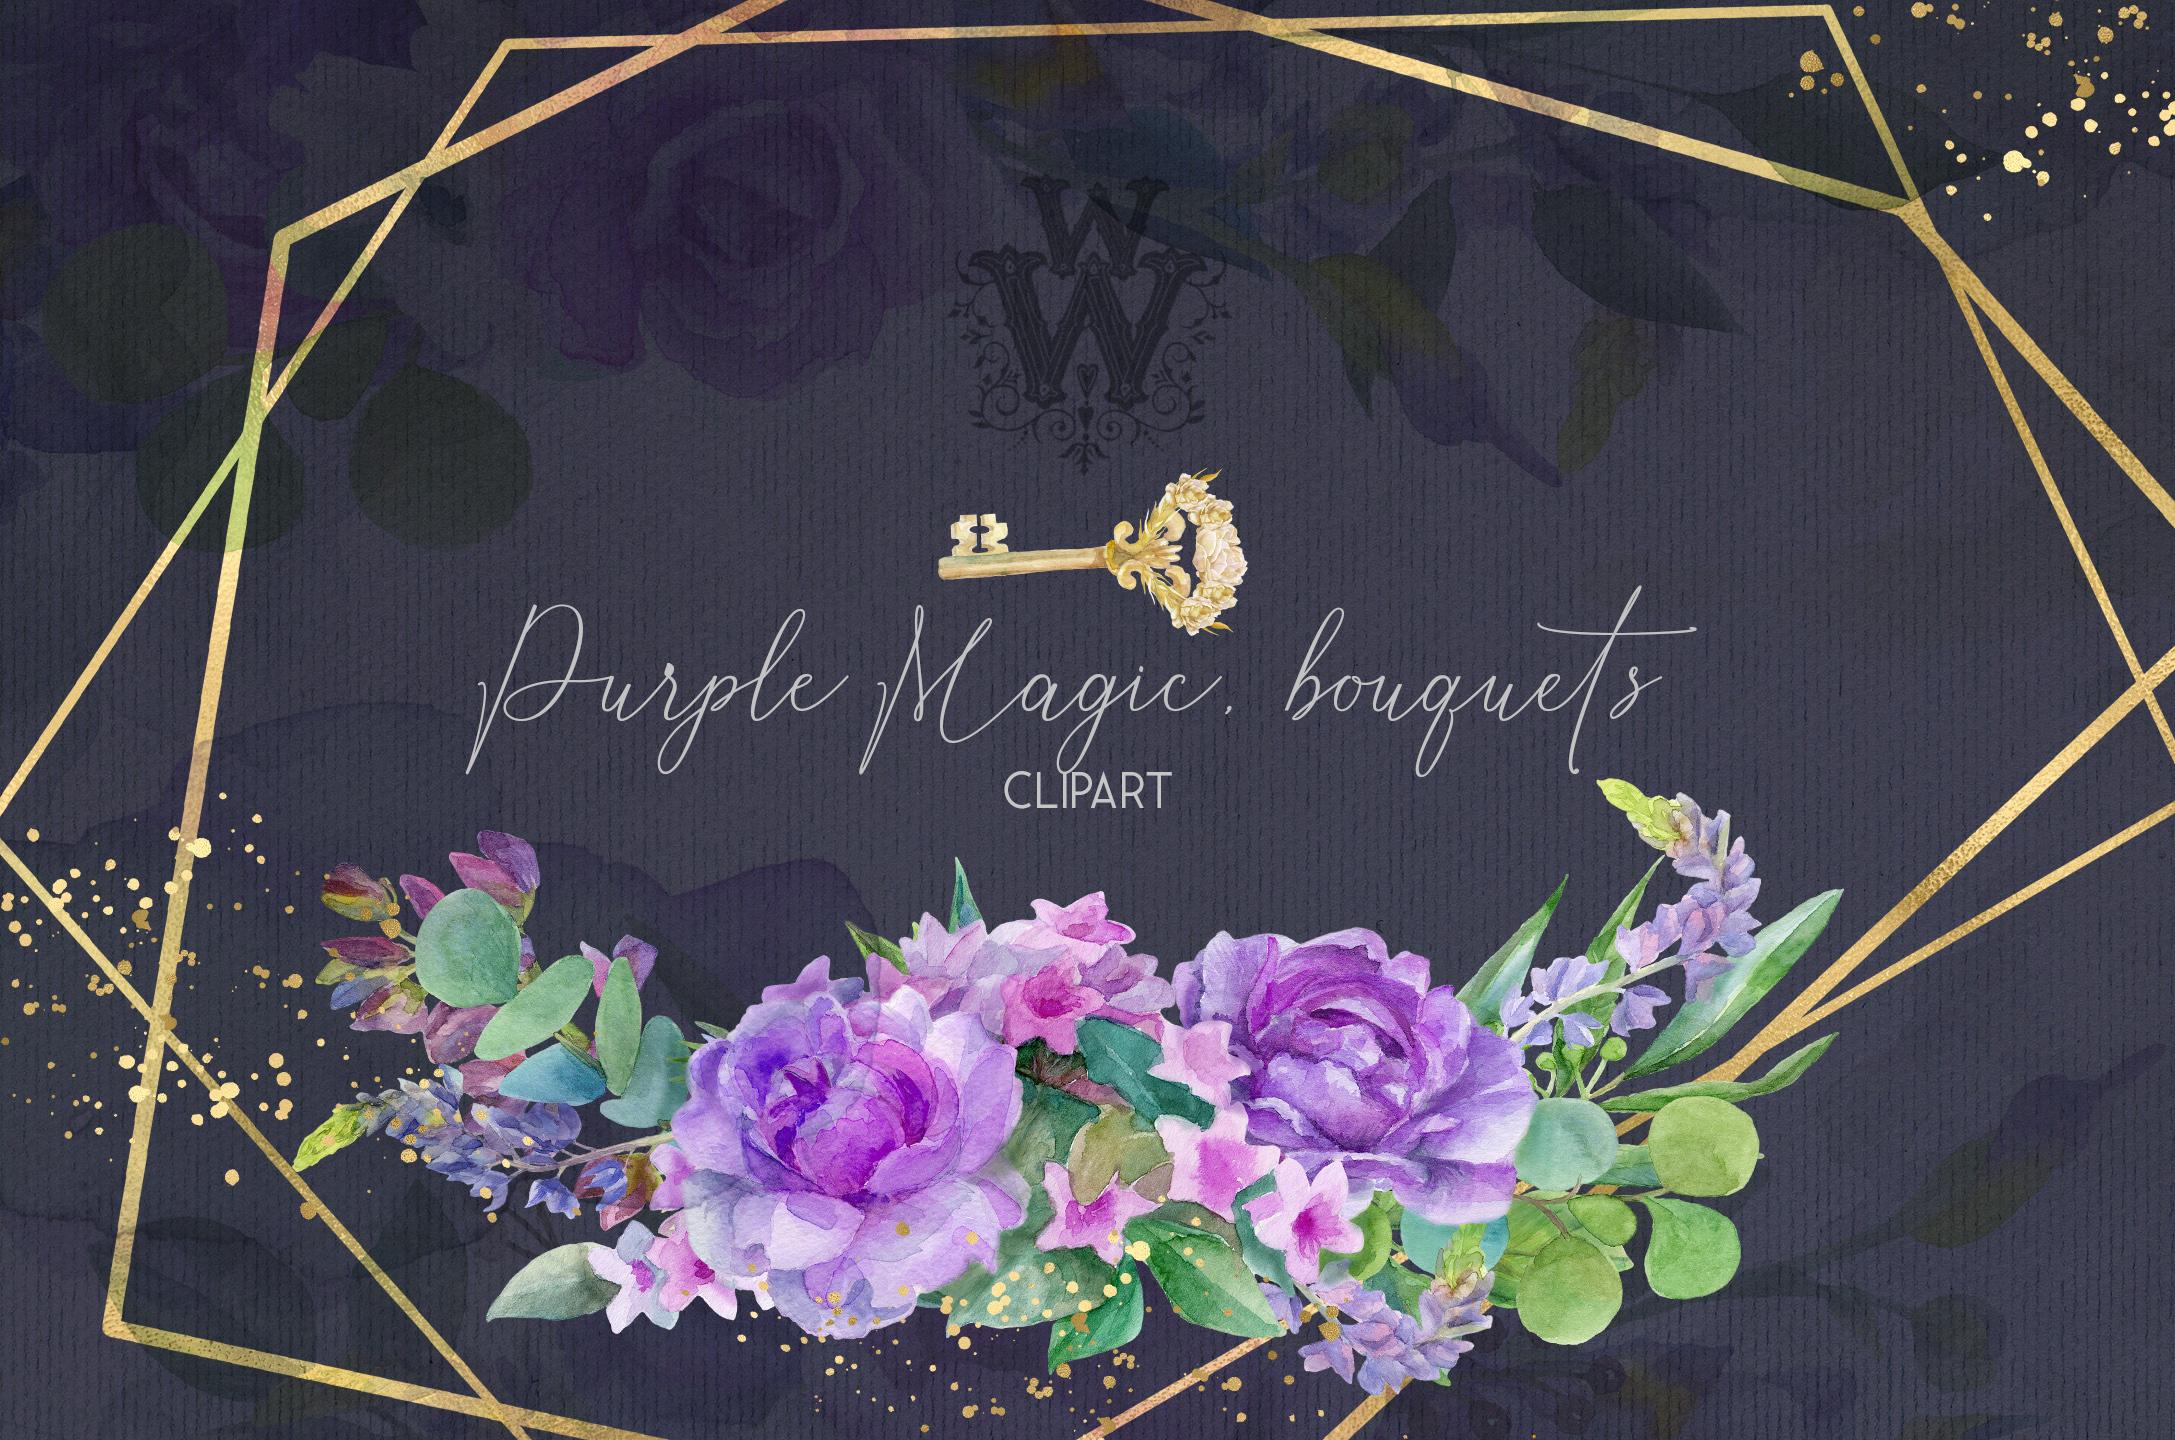 Watercolor purple bouquets clipart wedding arrangement example image 6